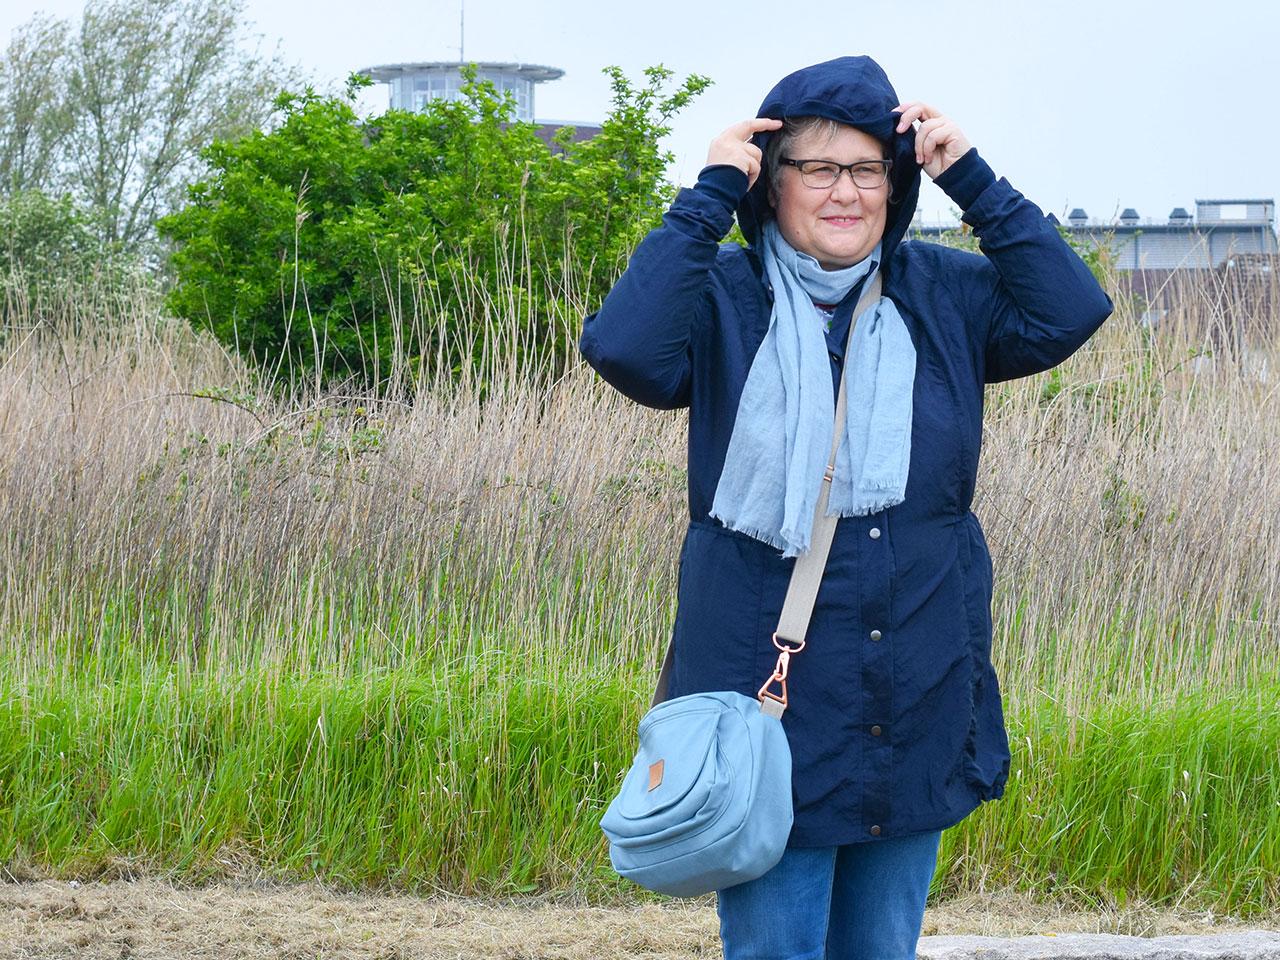 Frische Brise - der richtige Parka für fast alle Jahreszeiten - Plus Size Sommerparka nähen